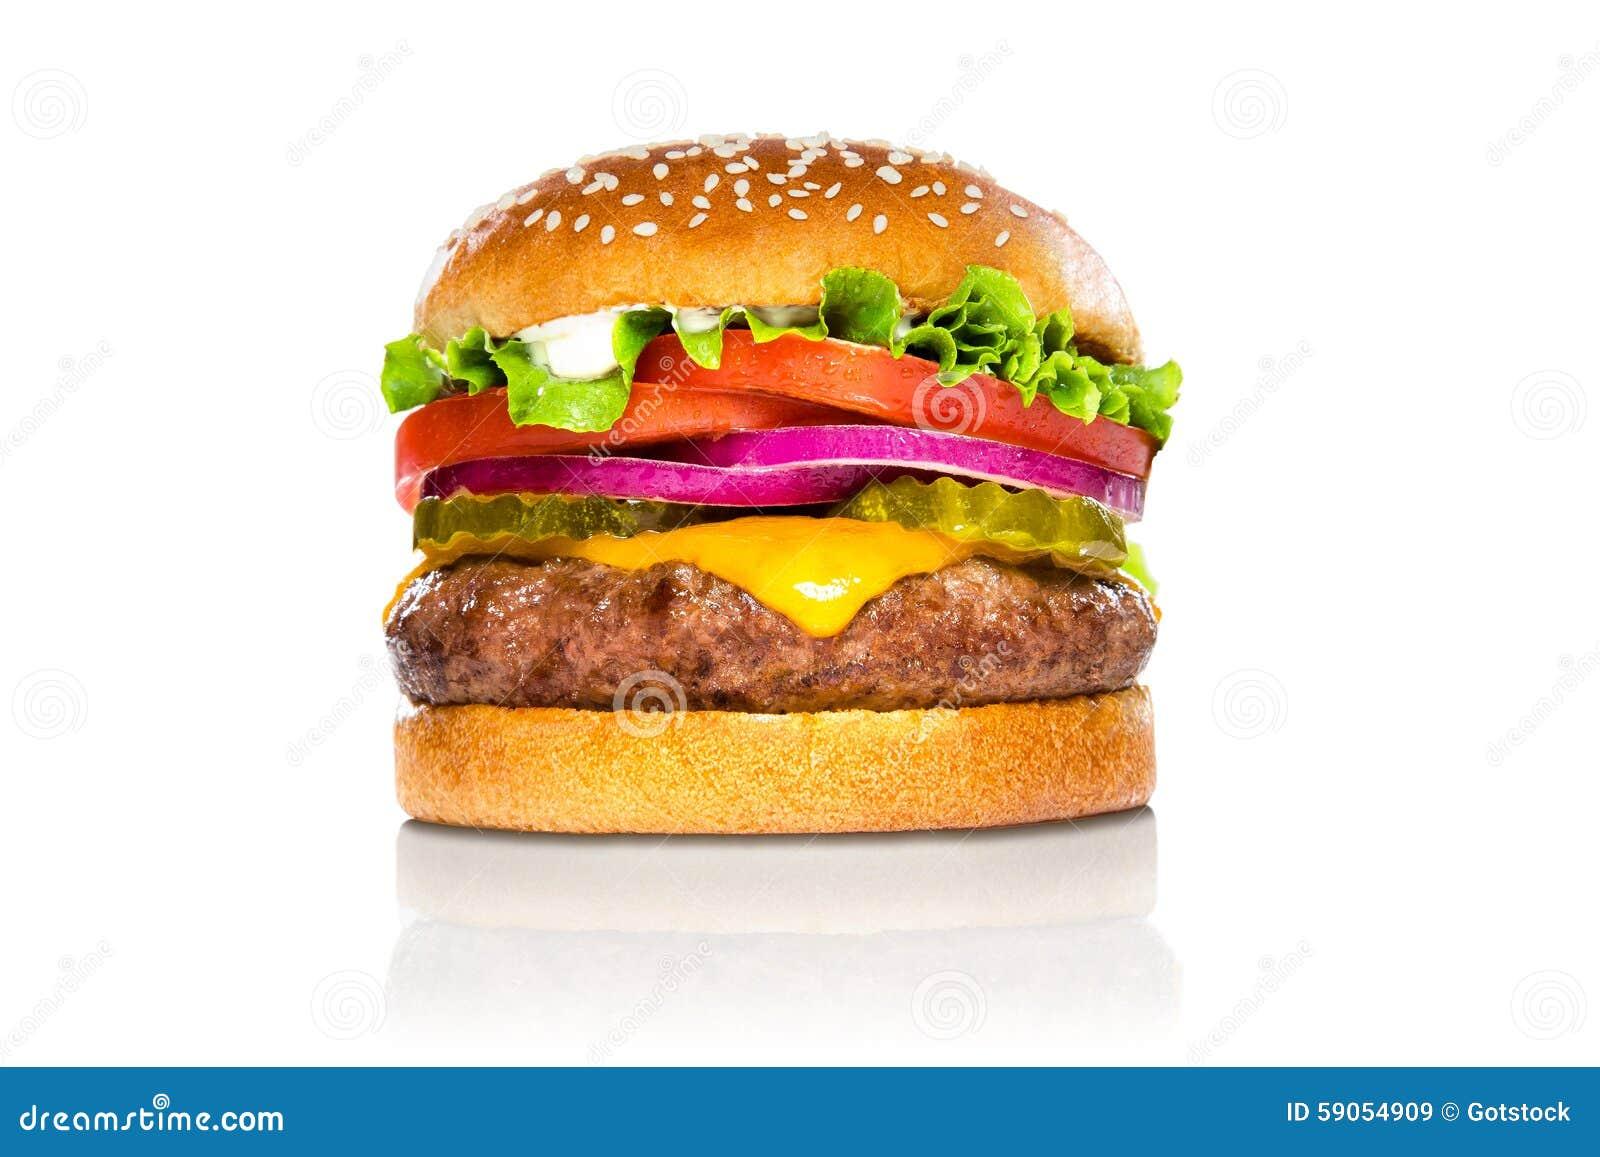 Hamburger Stock Photos Royalty Free Images